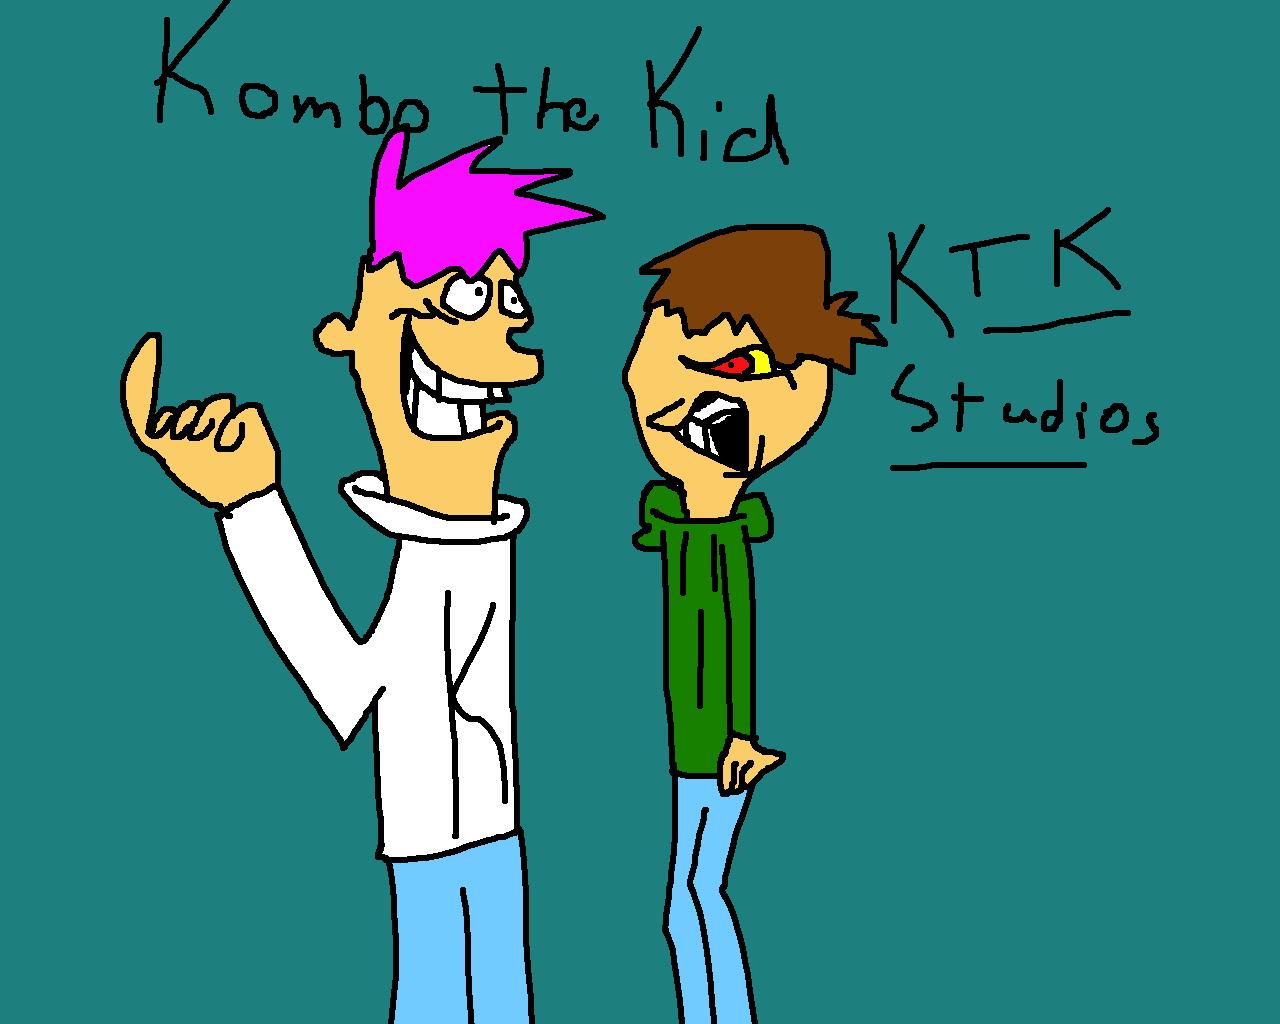 Kombo and Edd